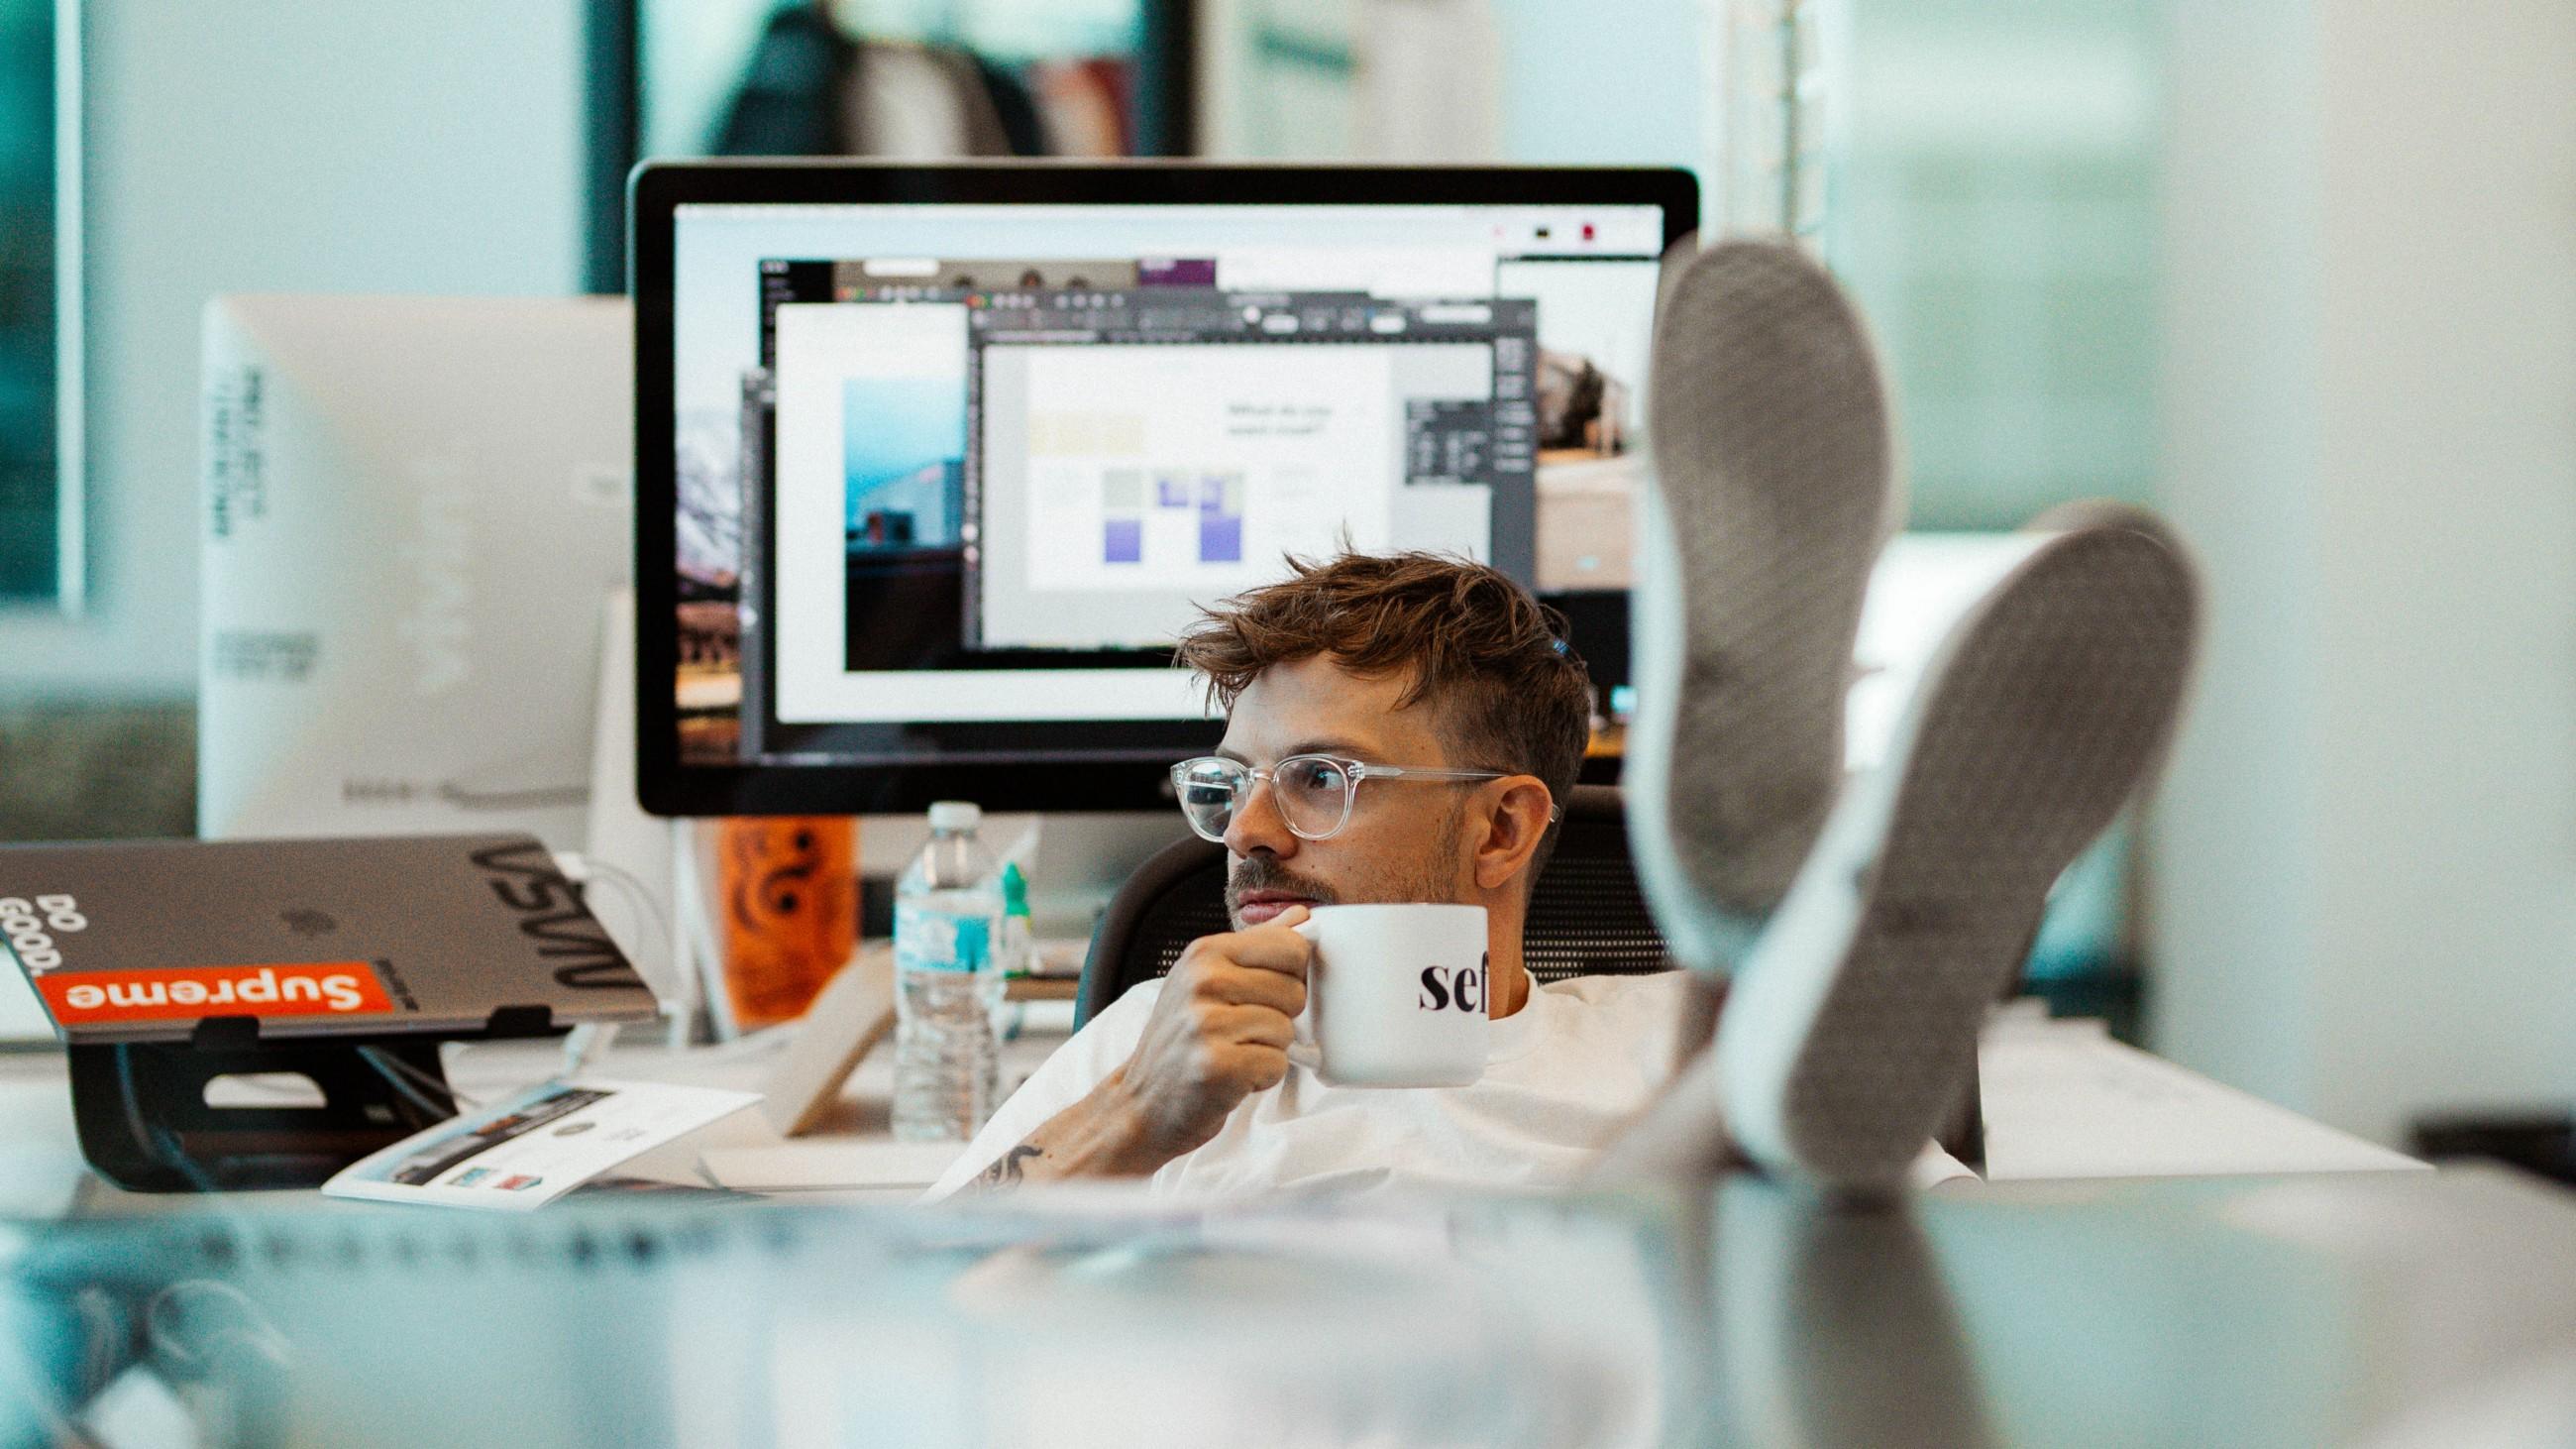 18 новых способов заработка в Интернете (2020) - Smartguide.ru